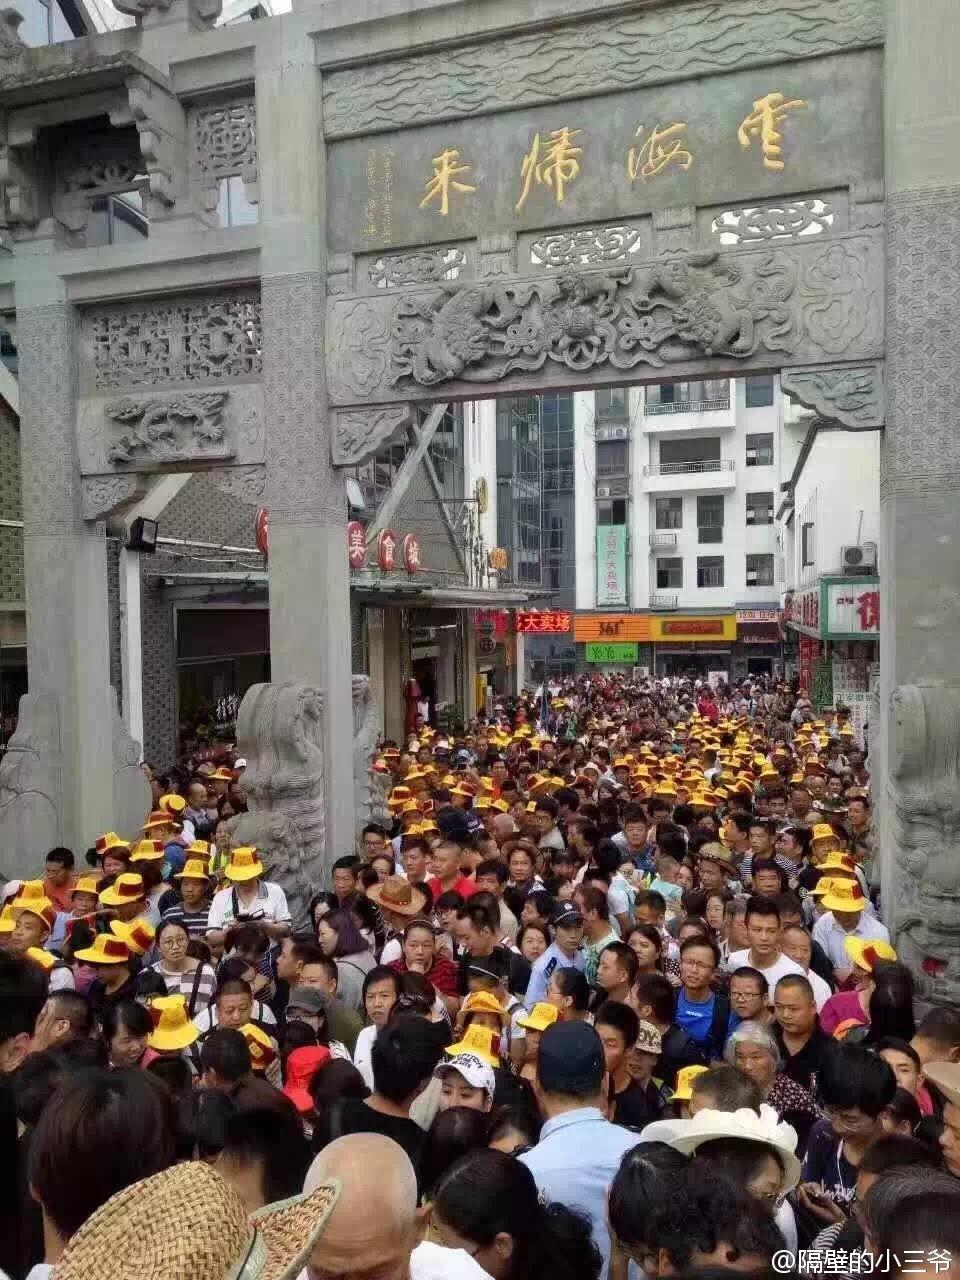 【图说天朝】杭州空城迎G20:杭州人去哪儿了